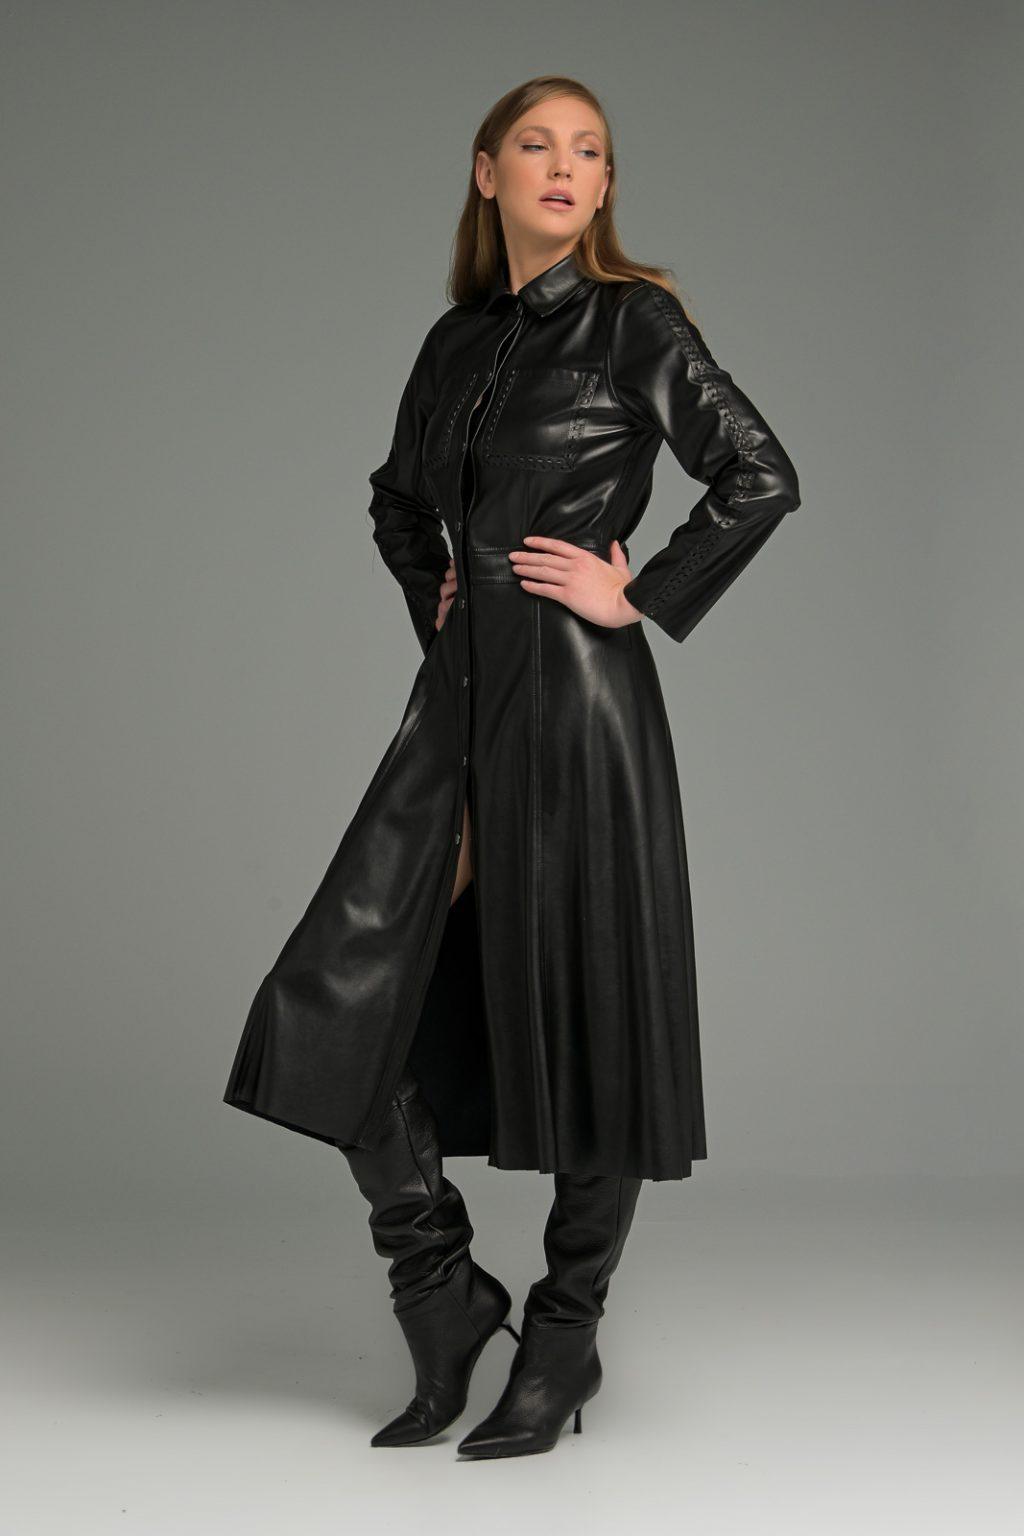 Γυναικεία Ρούχα CMANOLO ΦΟΡΕΜΑ ΔΕΡΜΑΤΙΝΗ ΜΕΣΑΤΟ ΜΕ ΚΟΥΜΠΙΑ